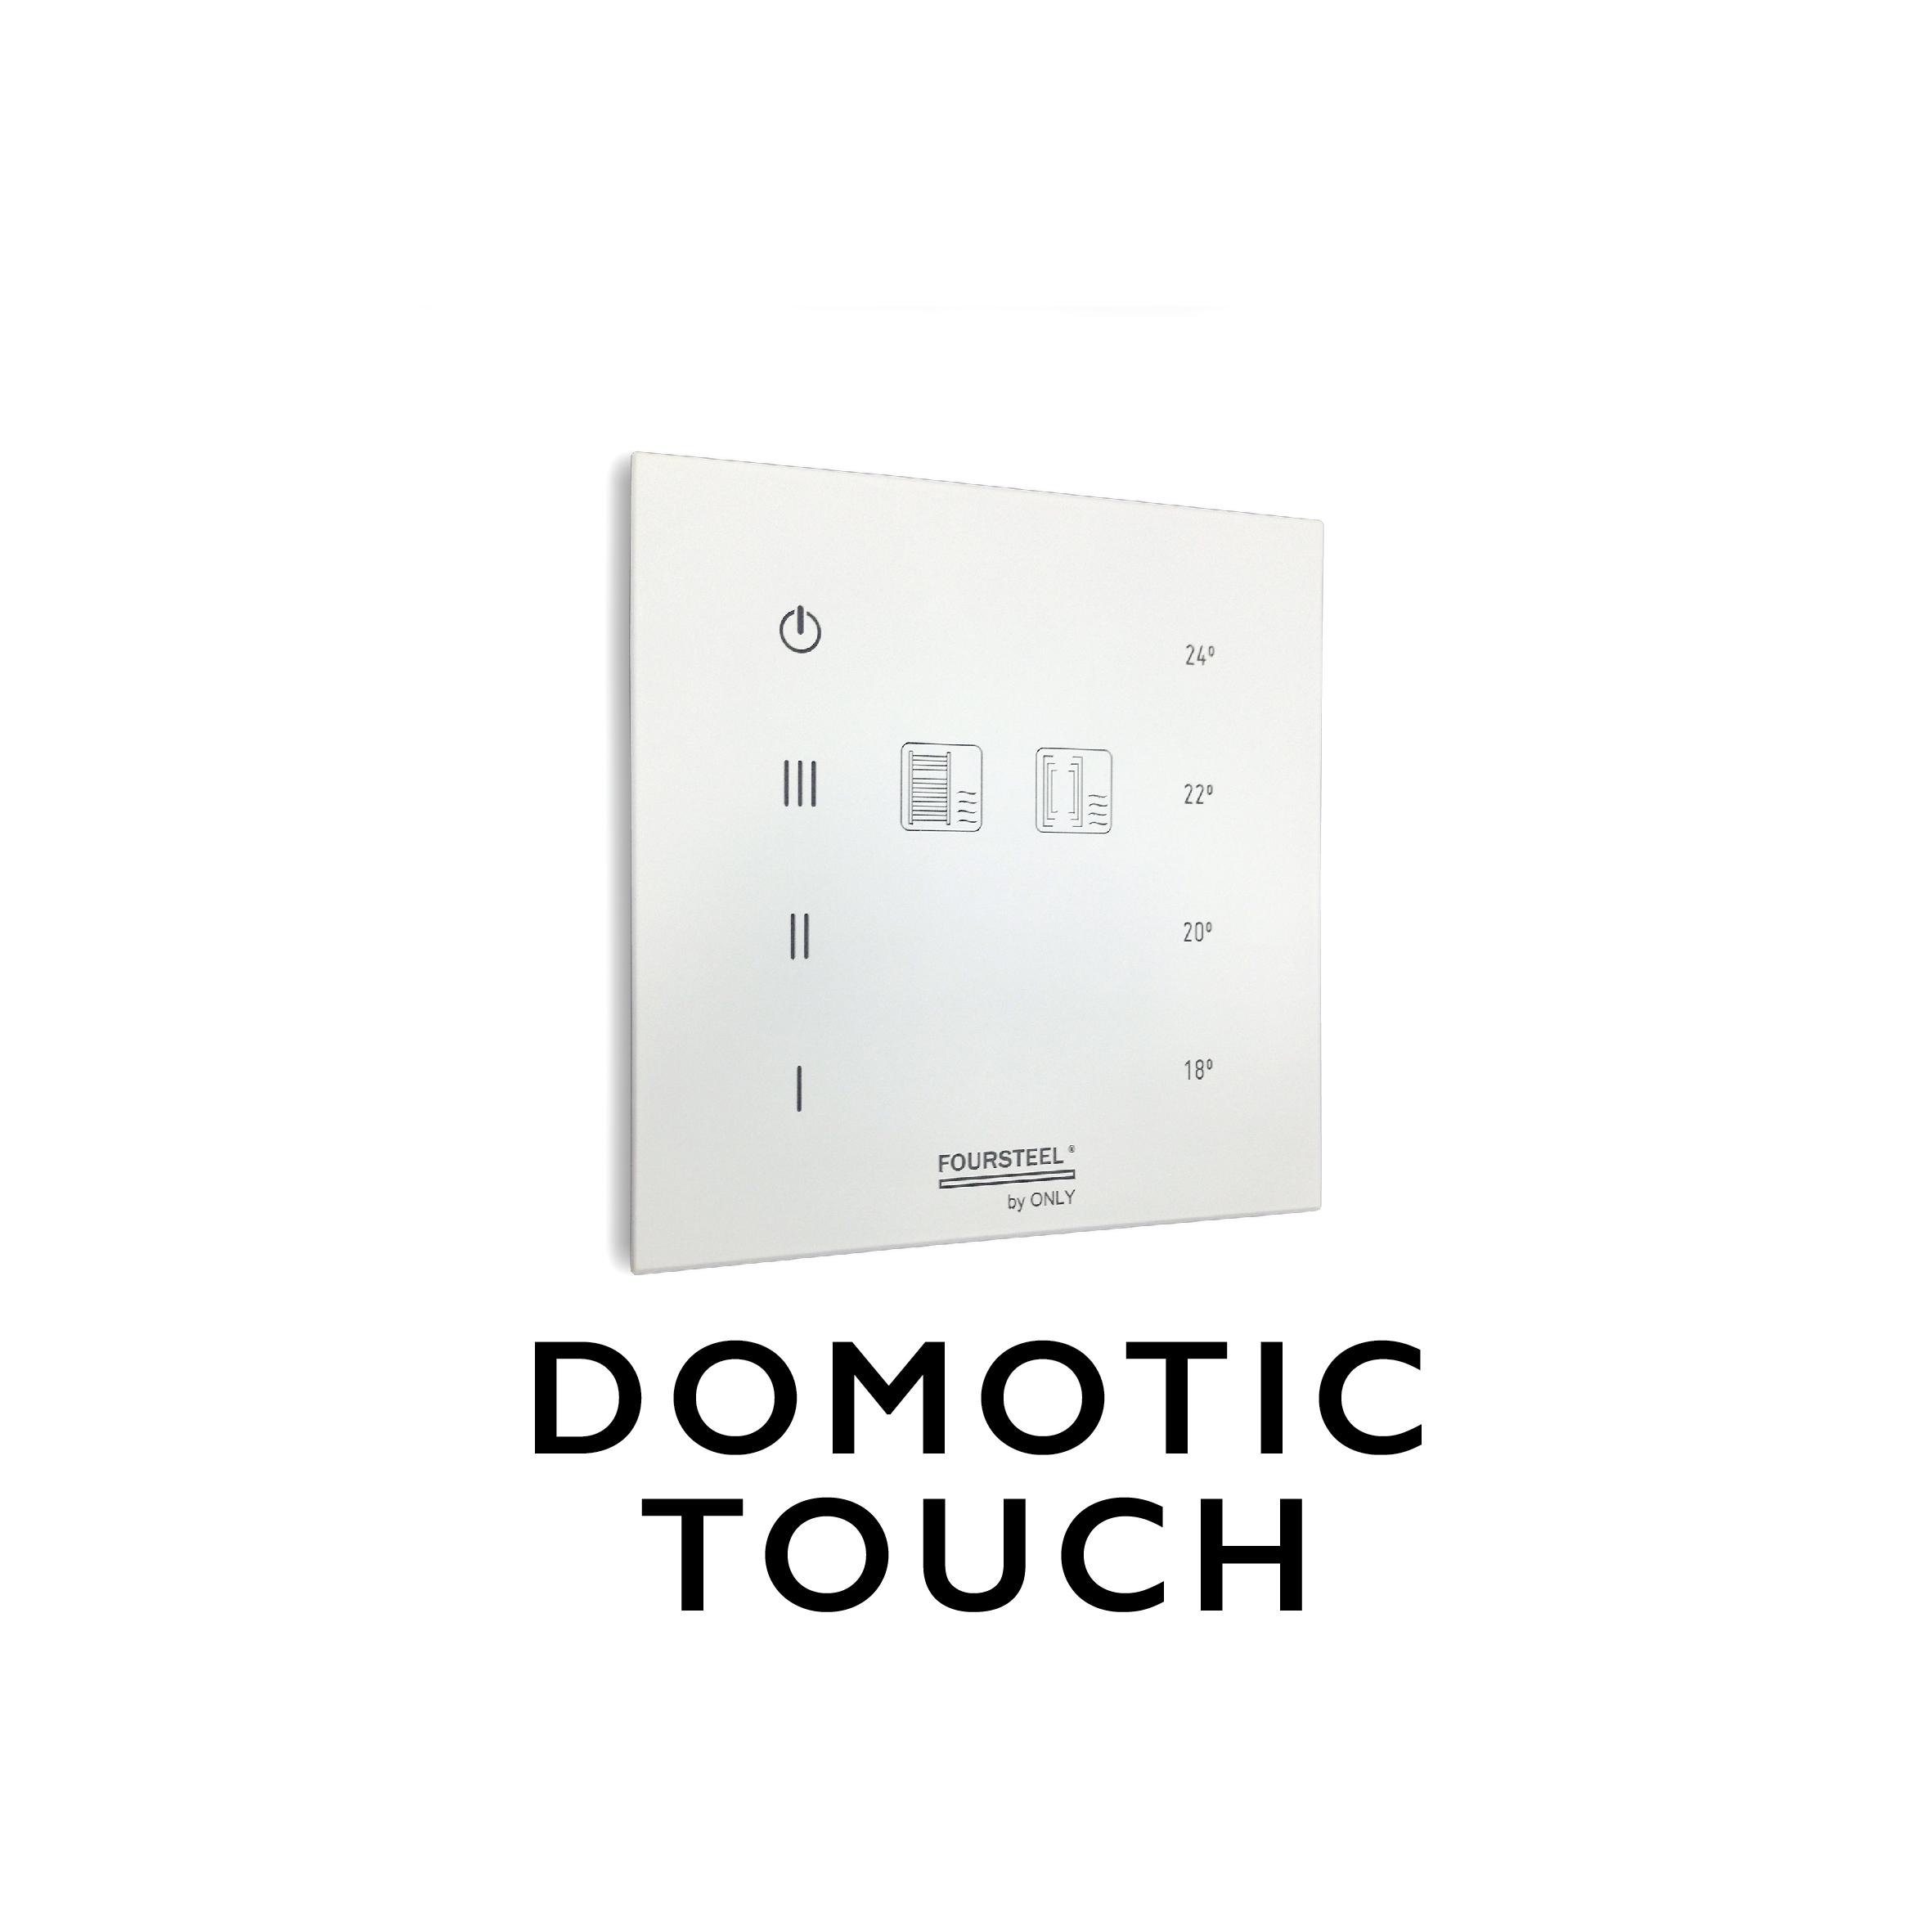 DOMOTIC TOUCH – MANUEL D'INSTRUCTIONS